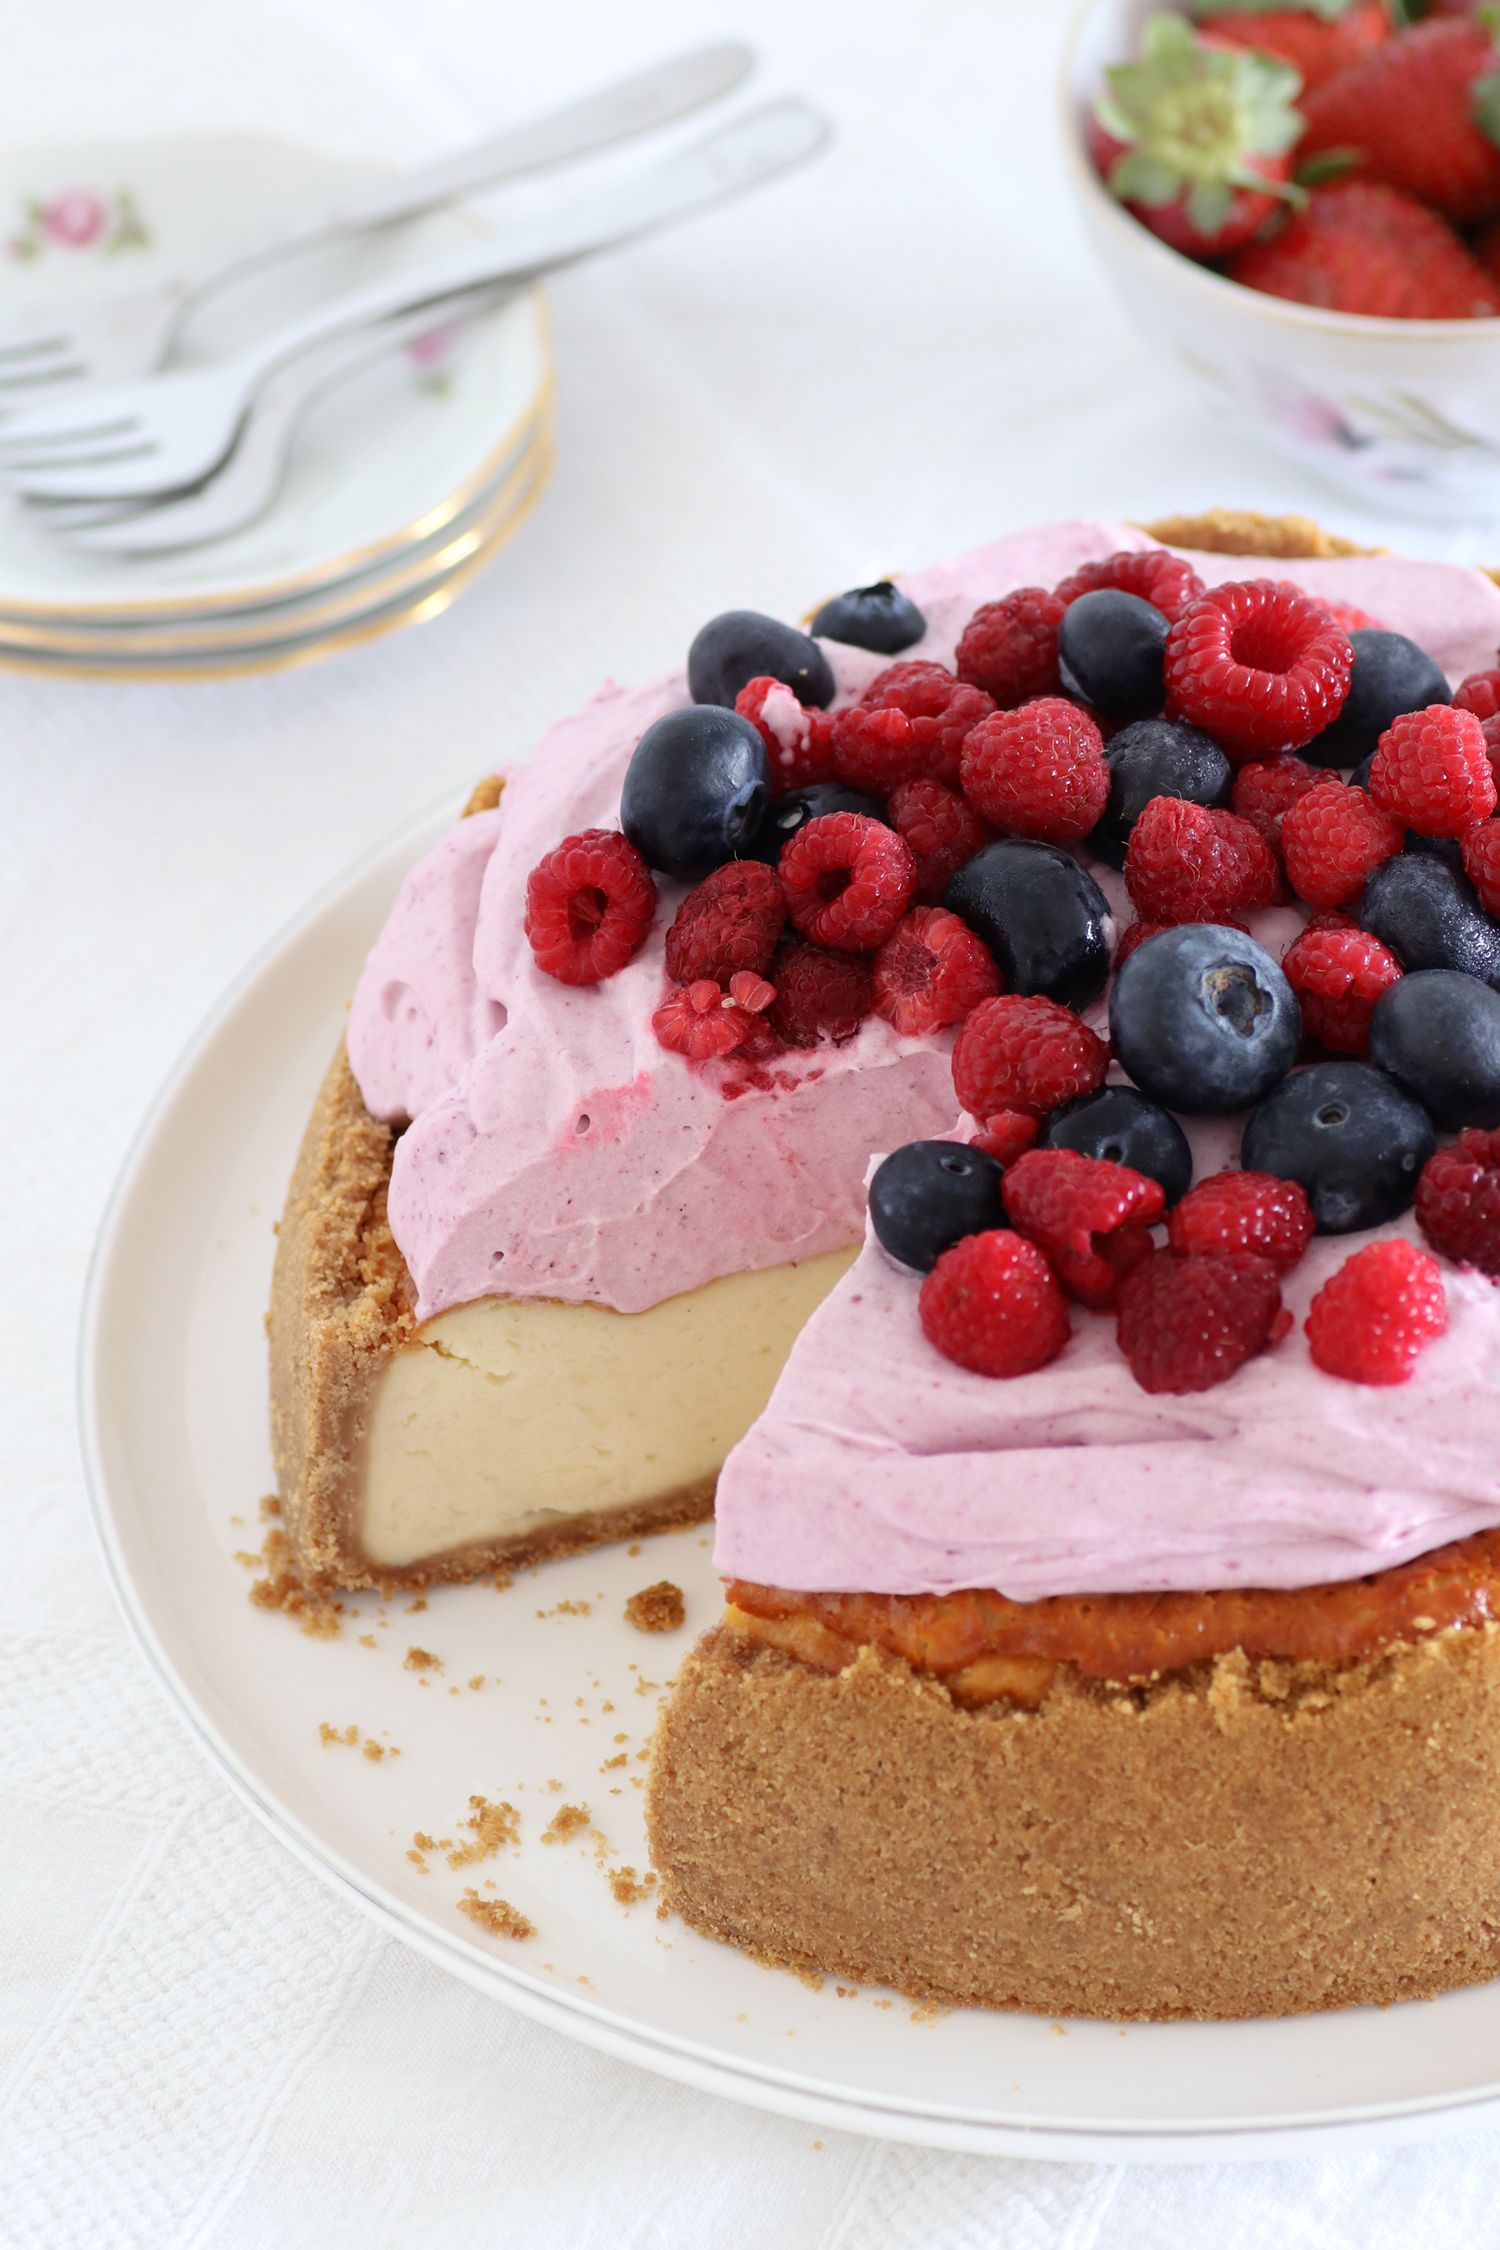 עוגת גבינה רכה ונימוחה | צילום: נטלי לוין